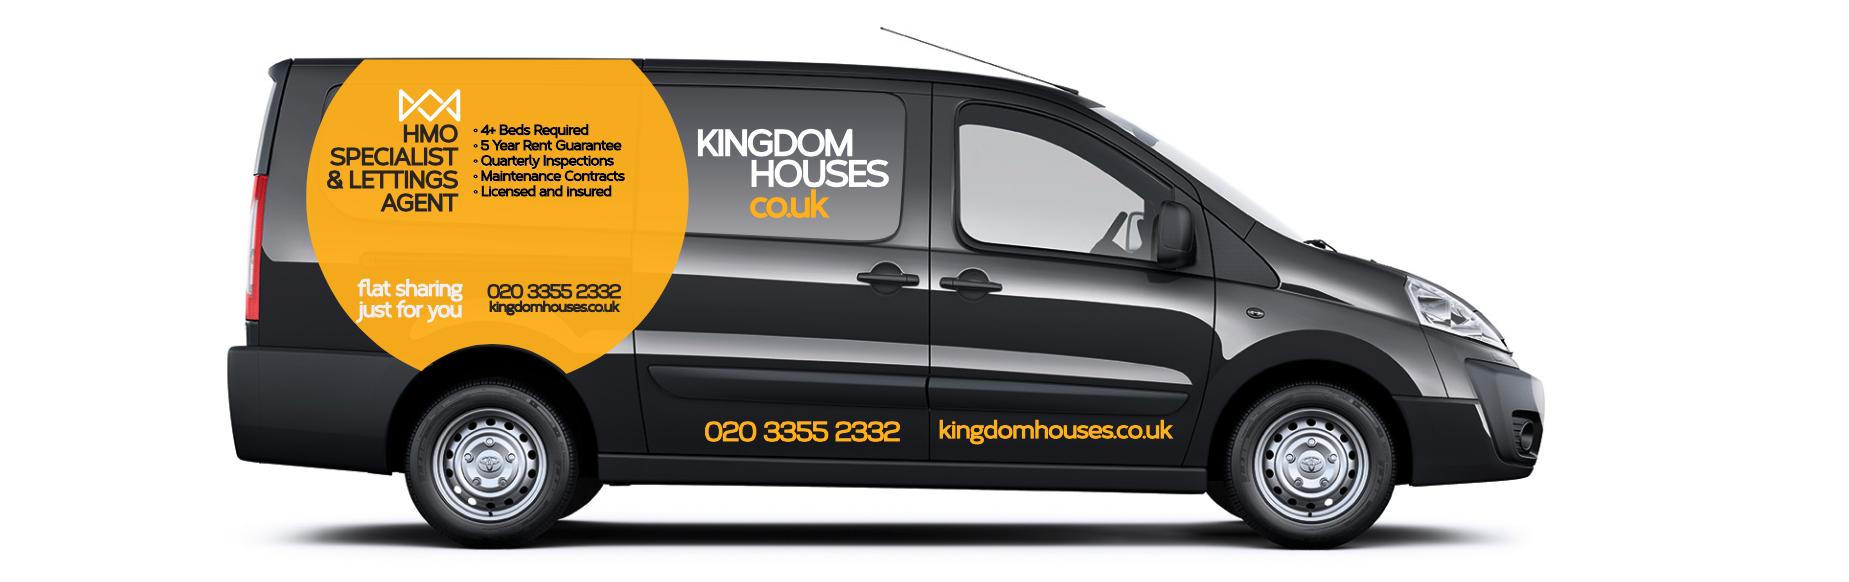 Kingdom Houses Proace Branding